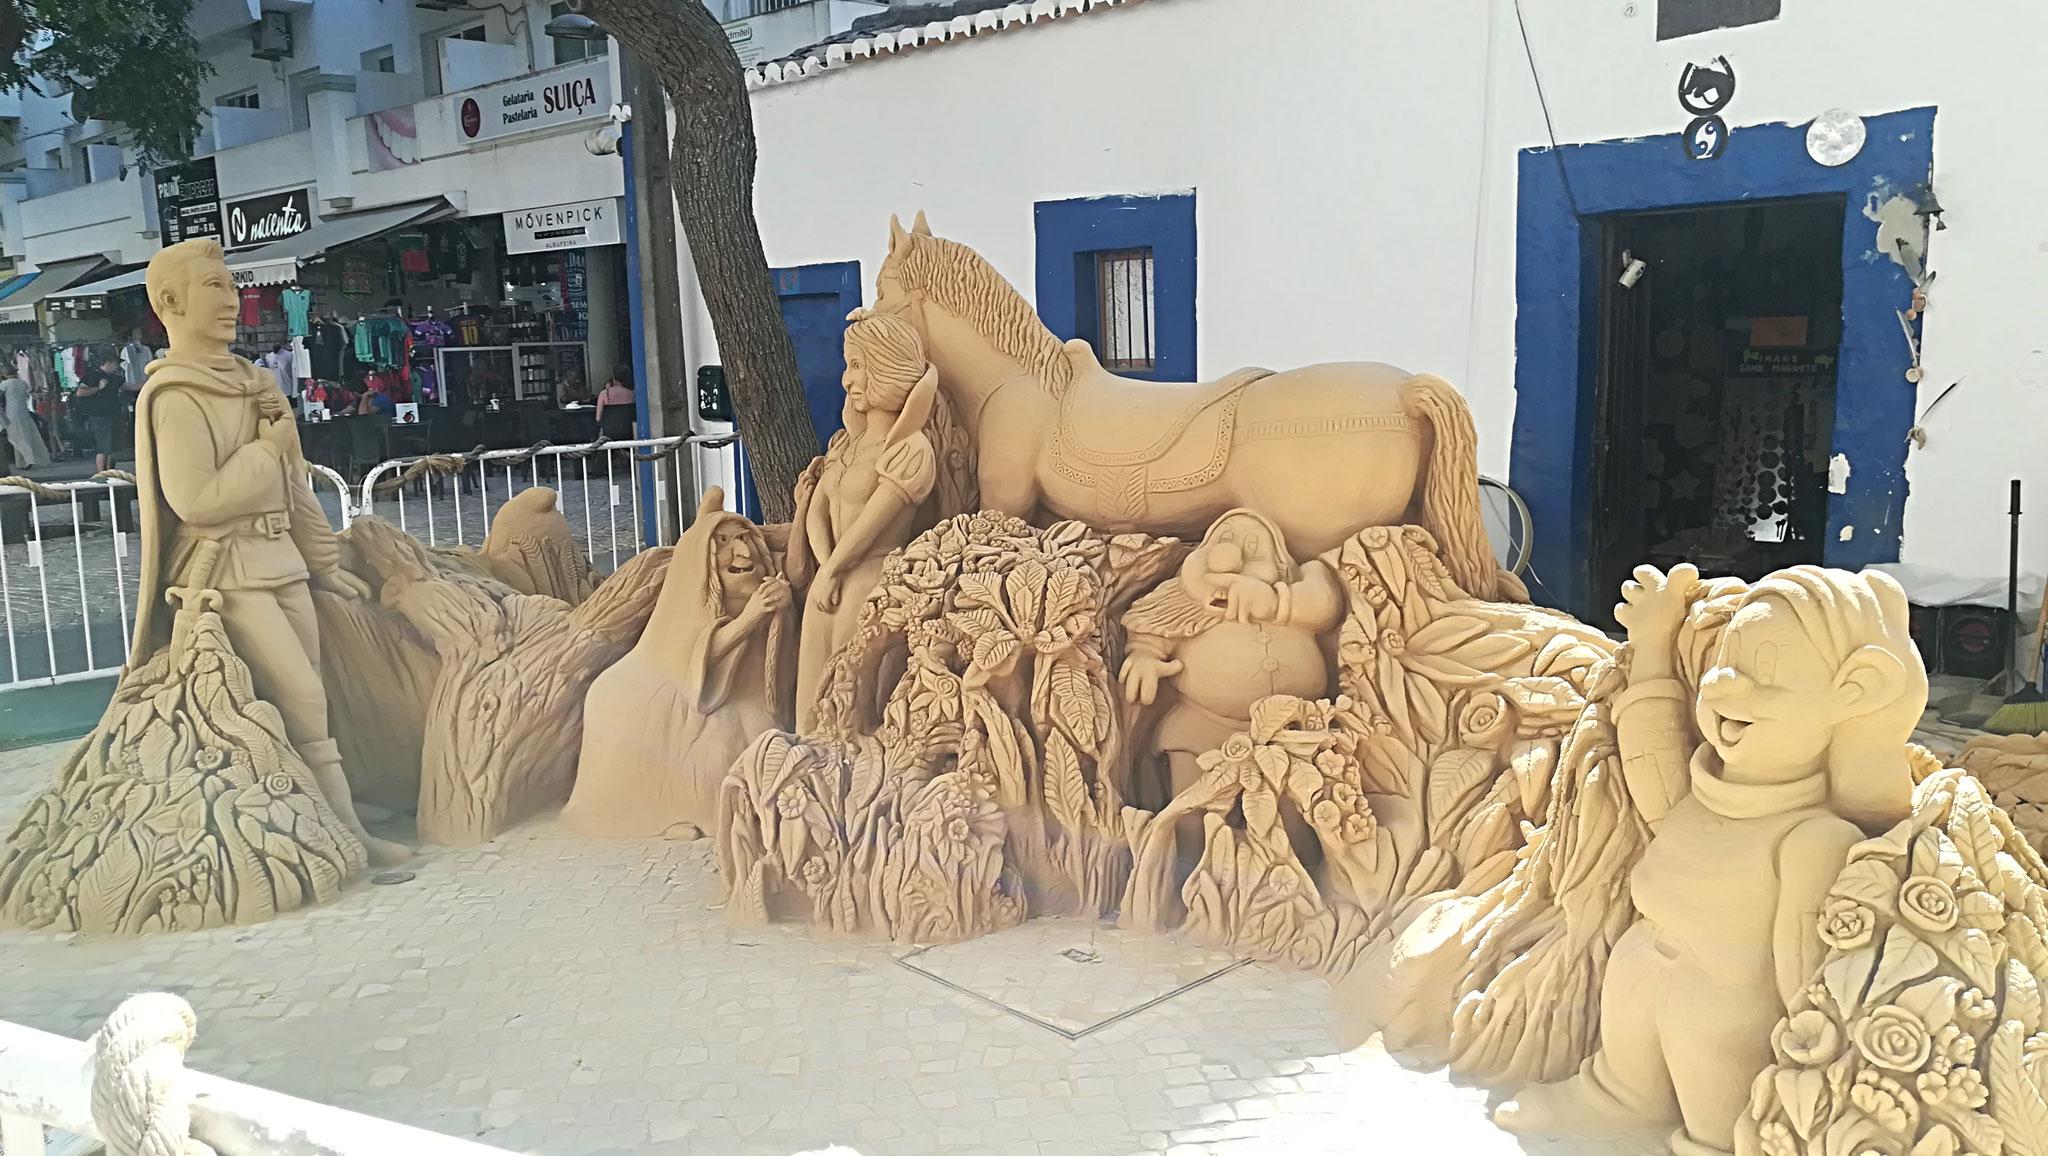 Sanskulptur in der Altstadt Albufeiras